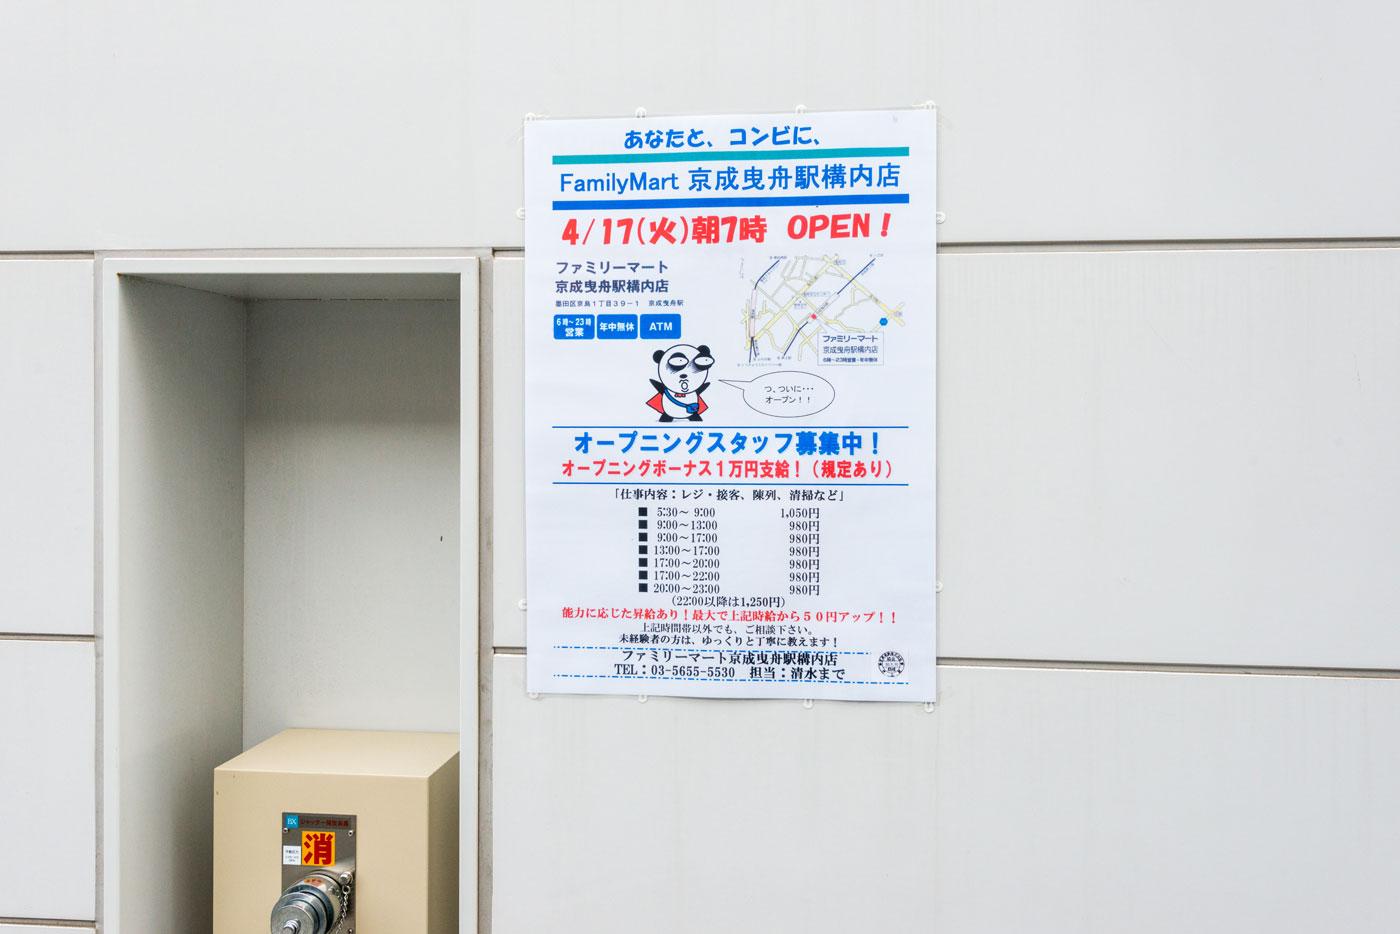 「京成曳舟」駅4 4/17コンビニオープン